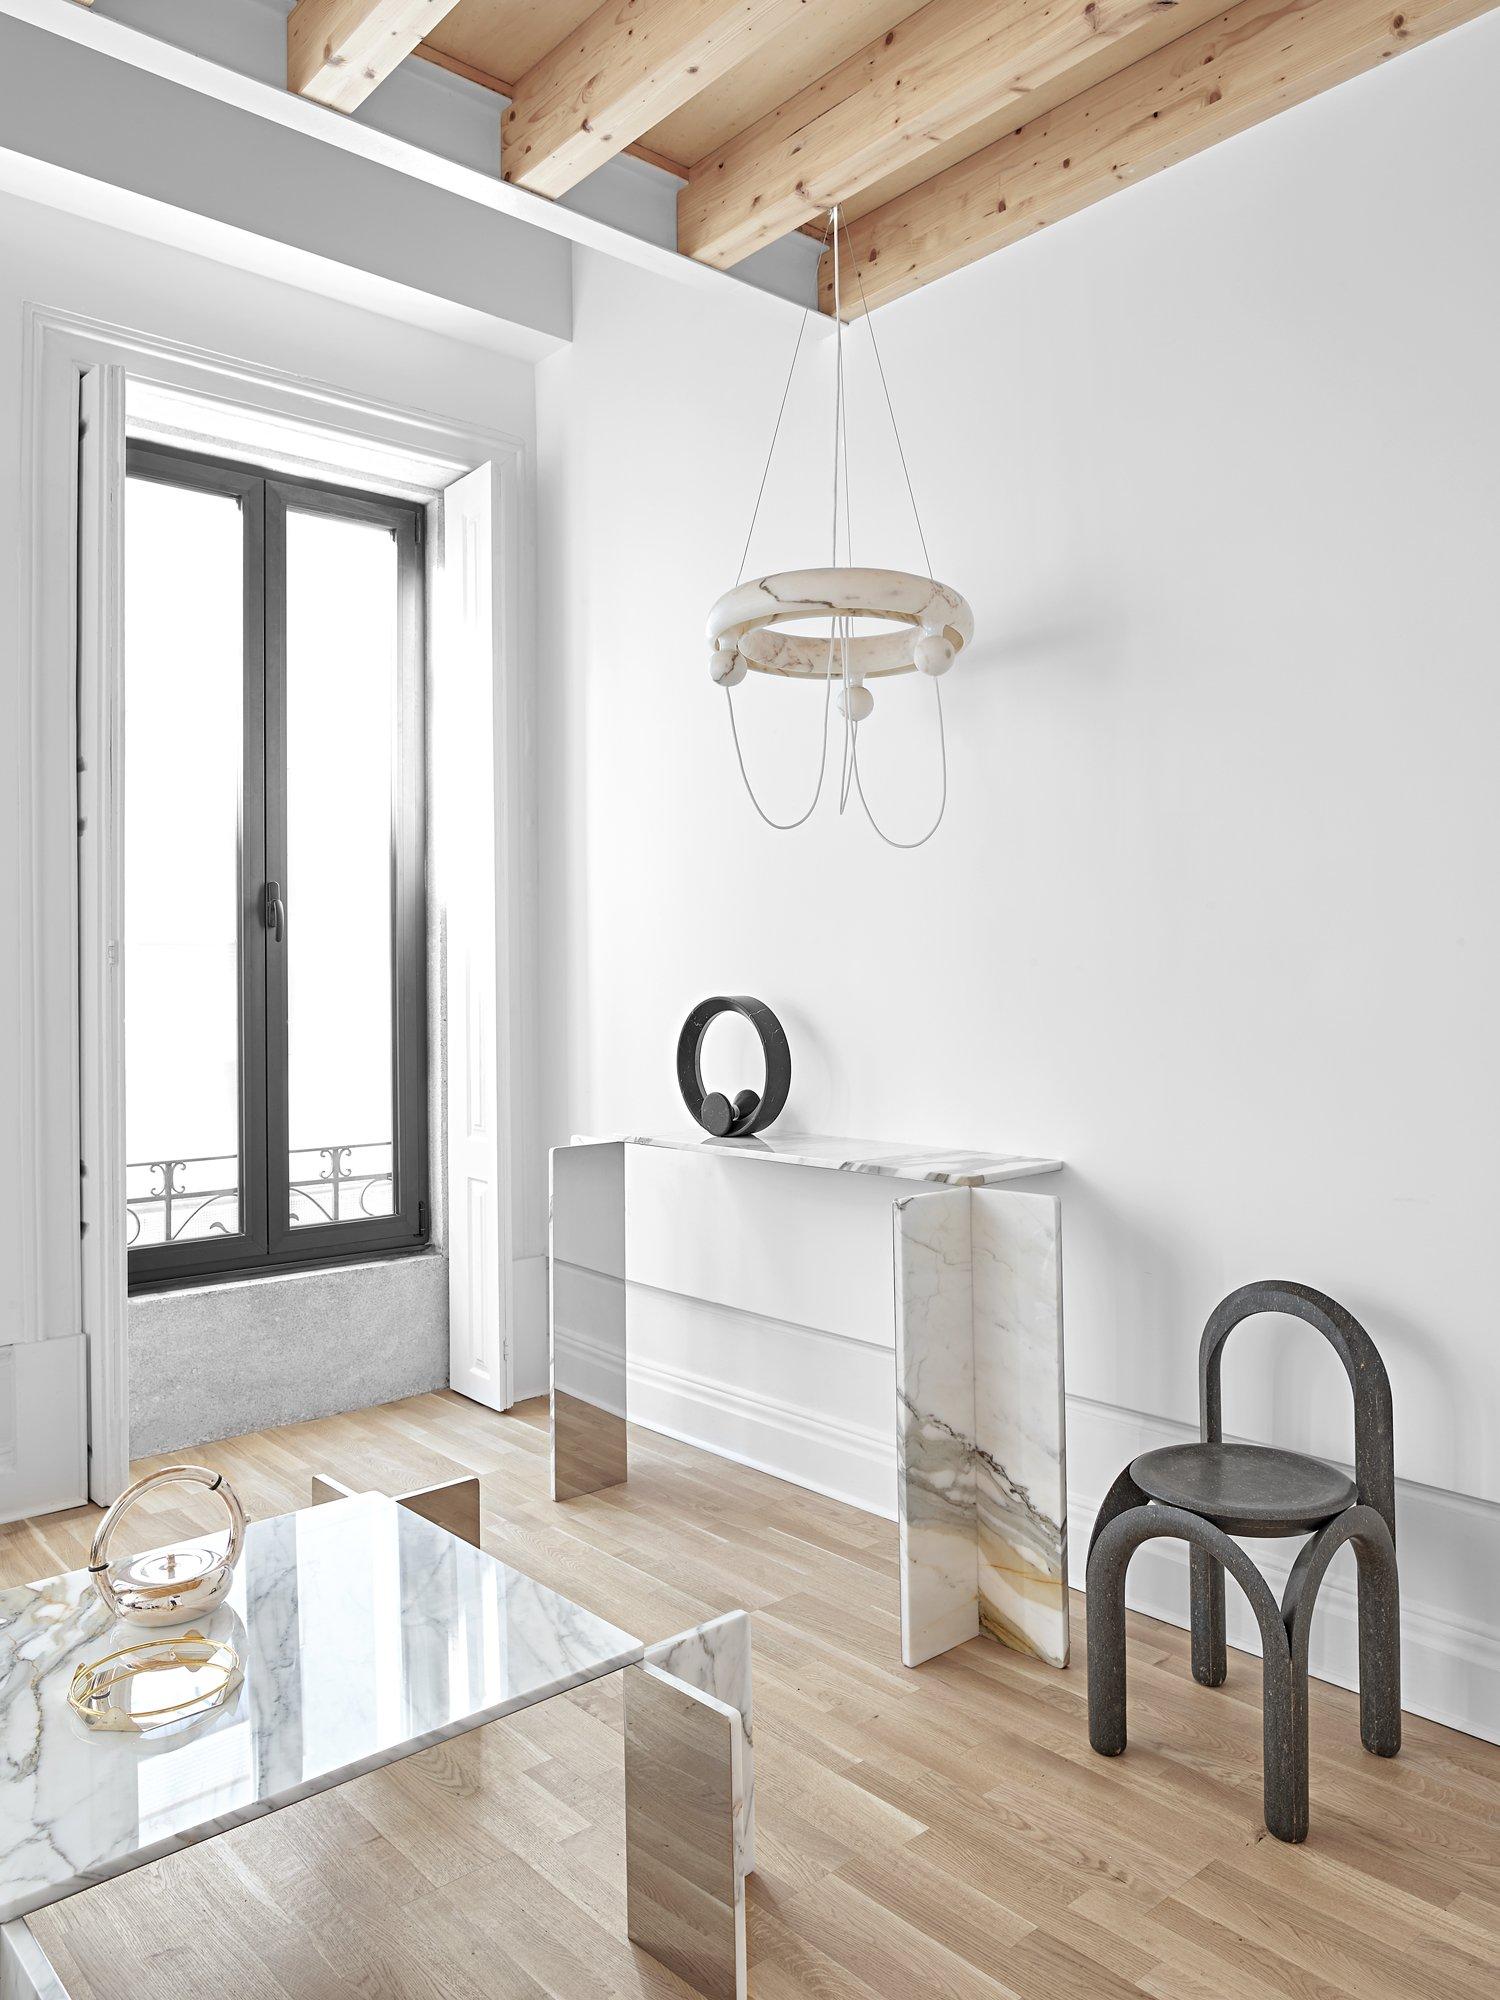 Maison et Objet 2020, Toni Grilo, Arco chair for INOT